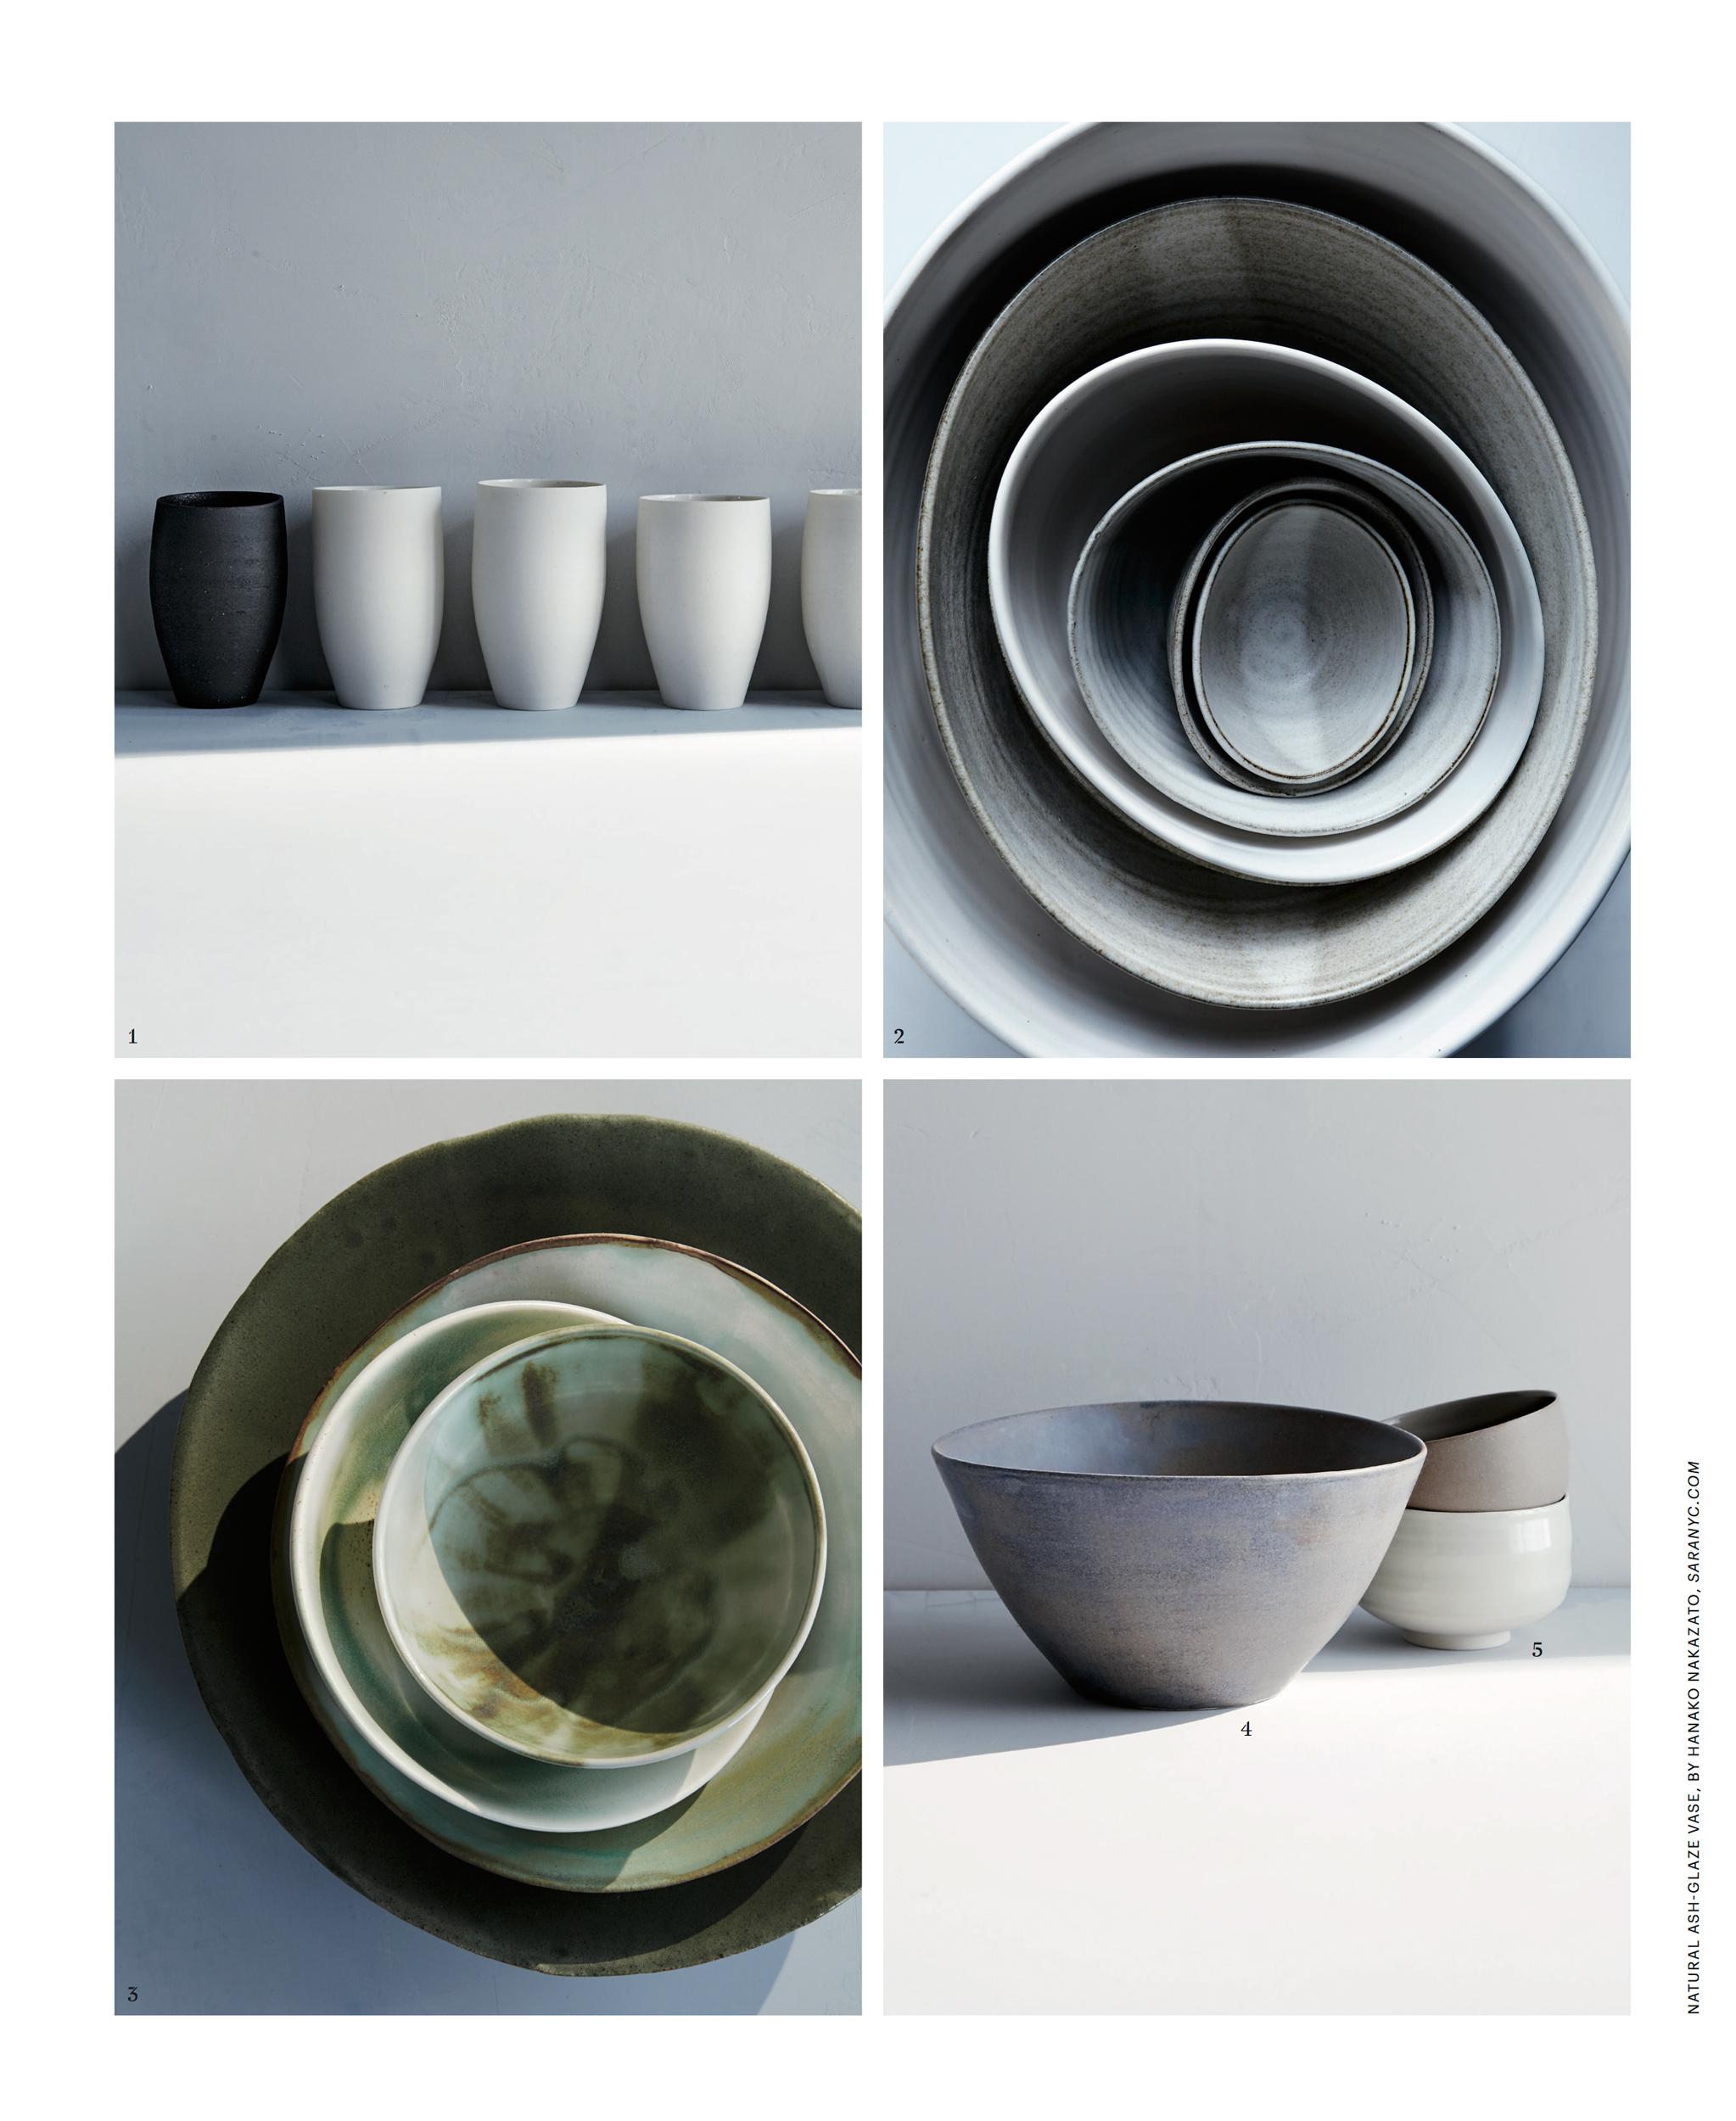 104_Ceramics_L0614WELDF.jpg